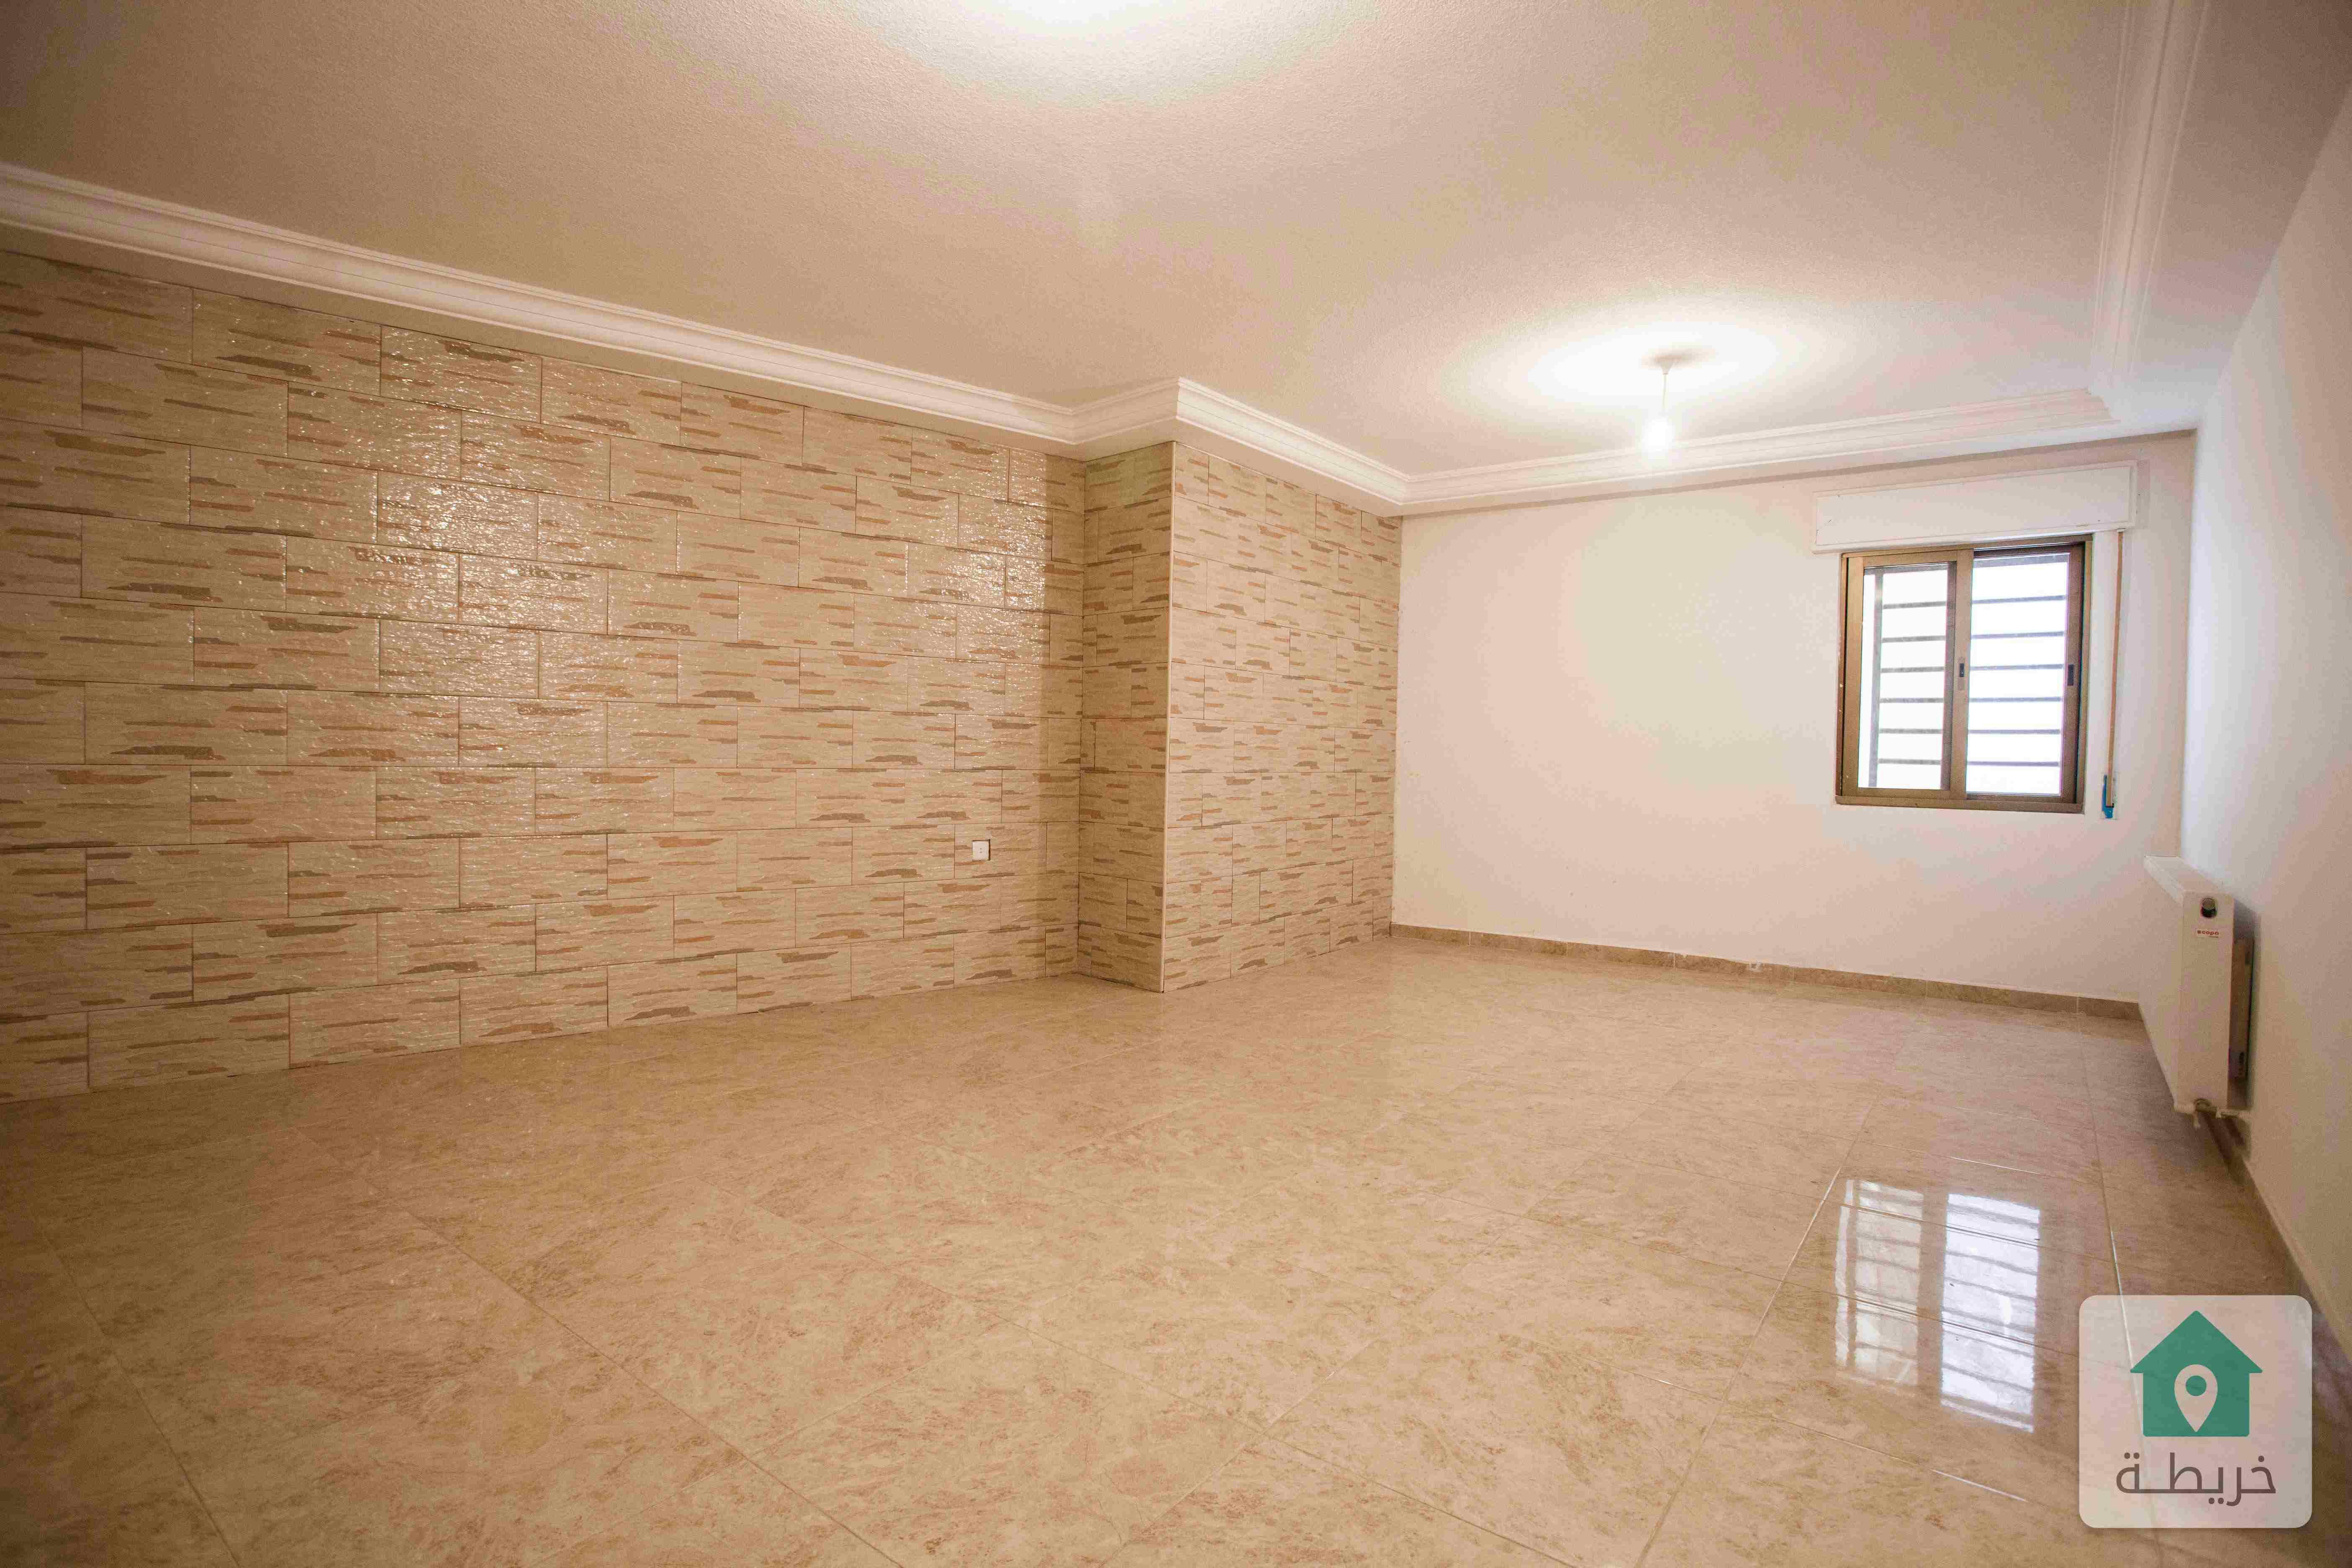 شقة 160م في ضاحية الرشيد تسوية